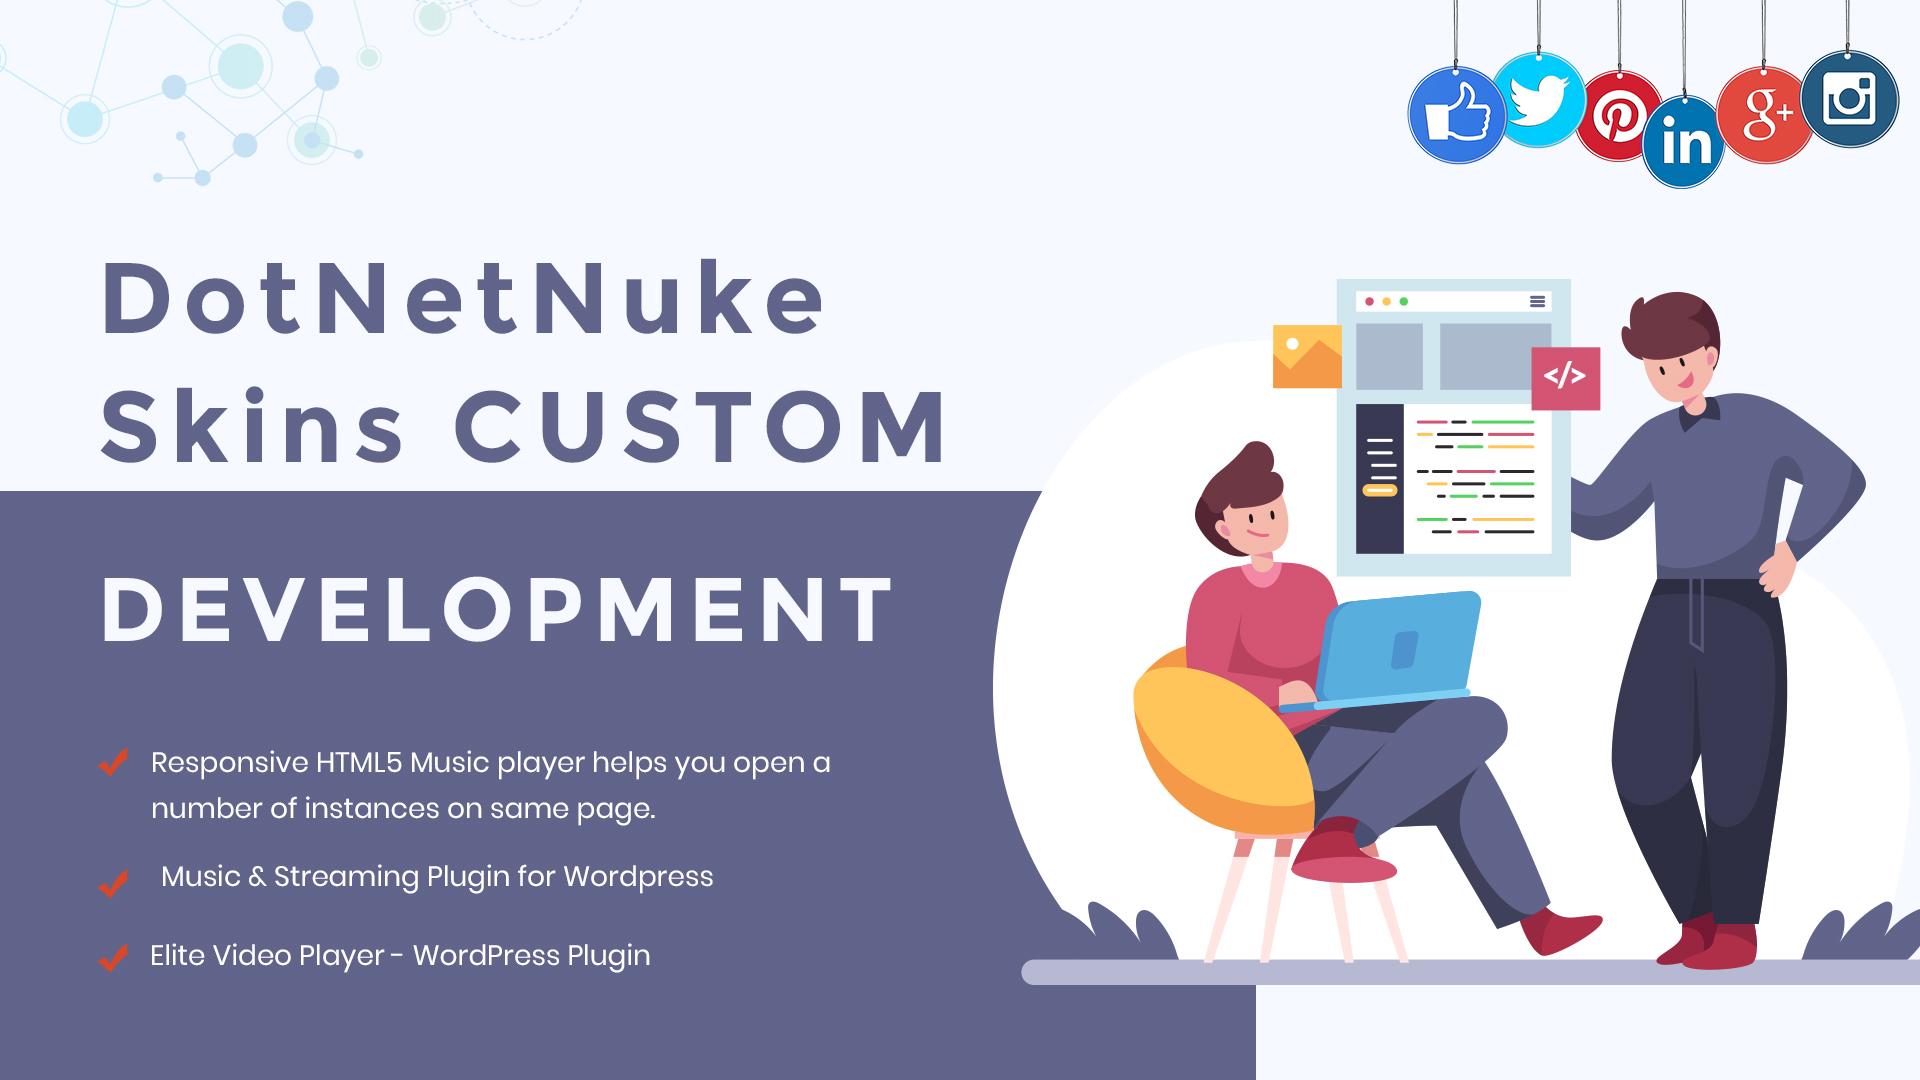 Why Go For DotNetNuke Skins Custom Development